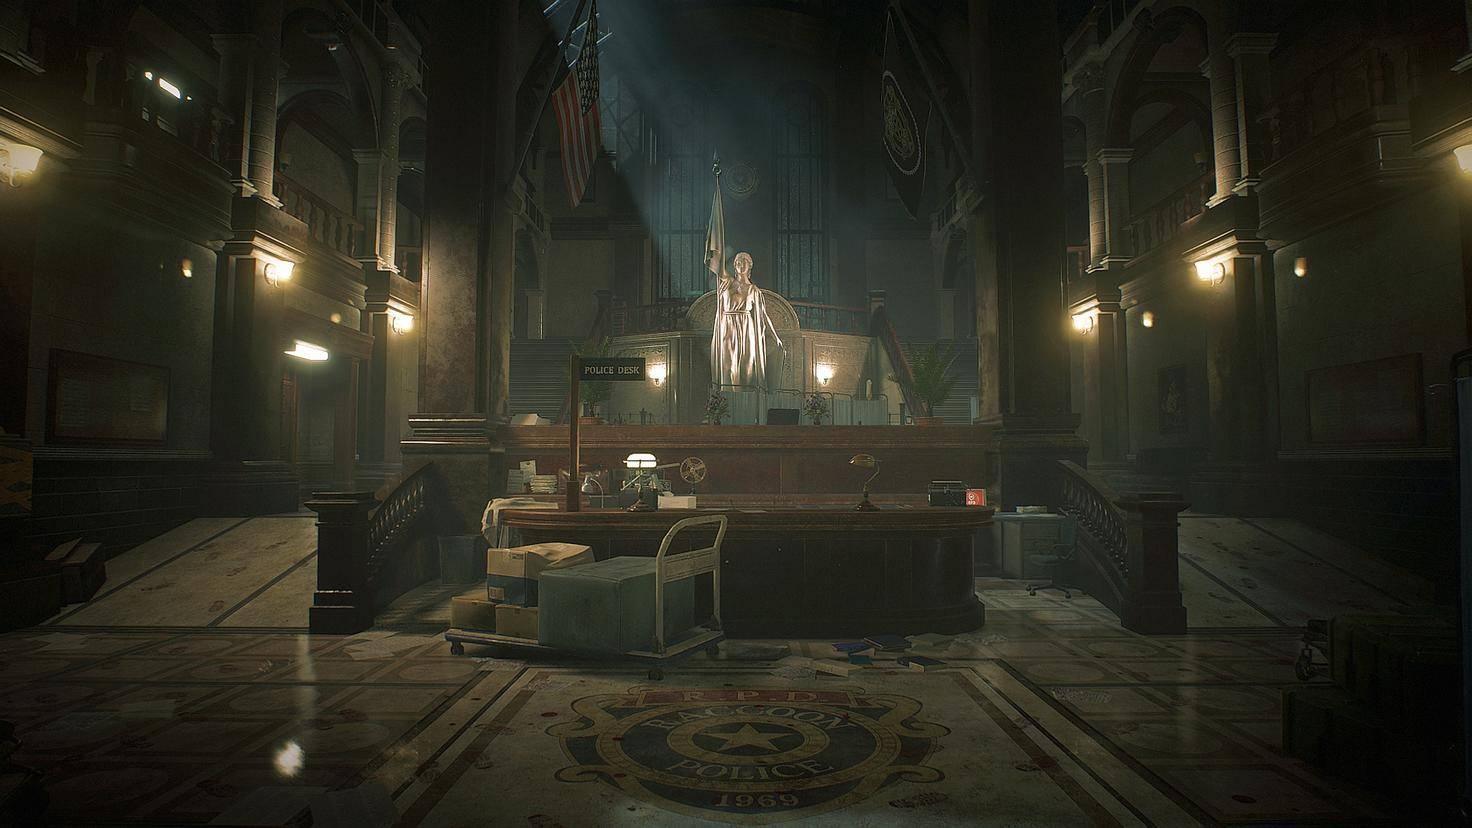 resident-evil-2-remake-screenshot-front-hall